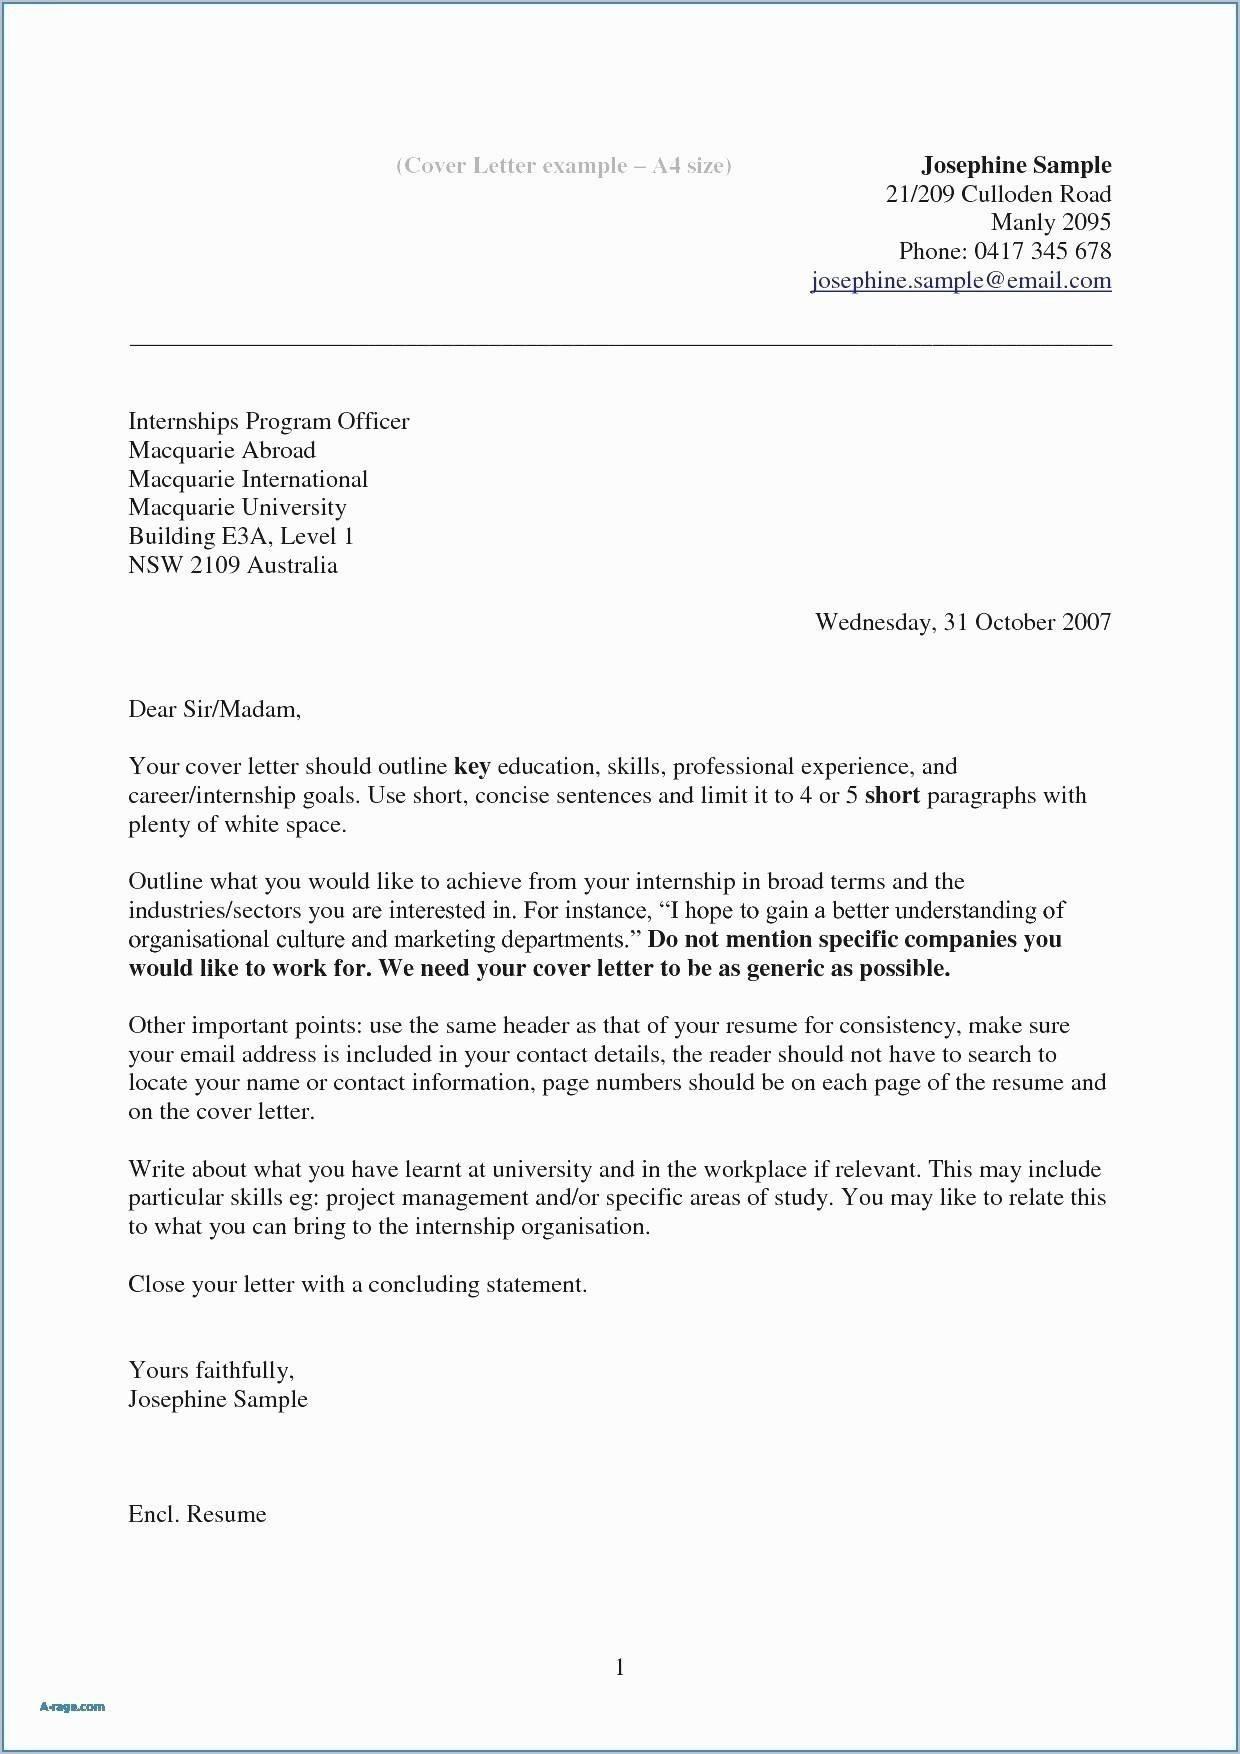 Cover Letter Template Qut